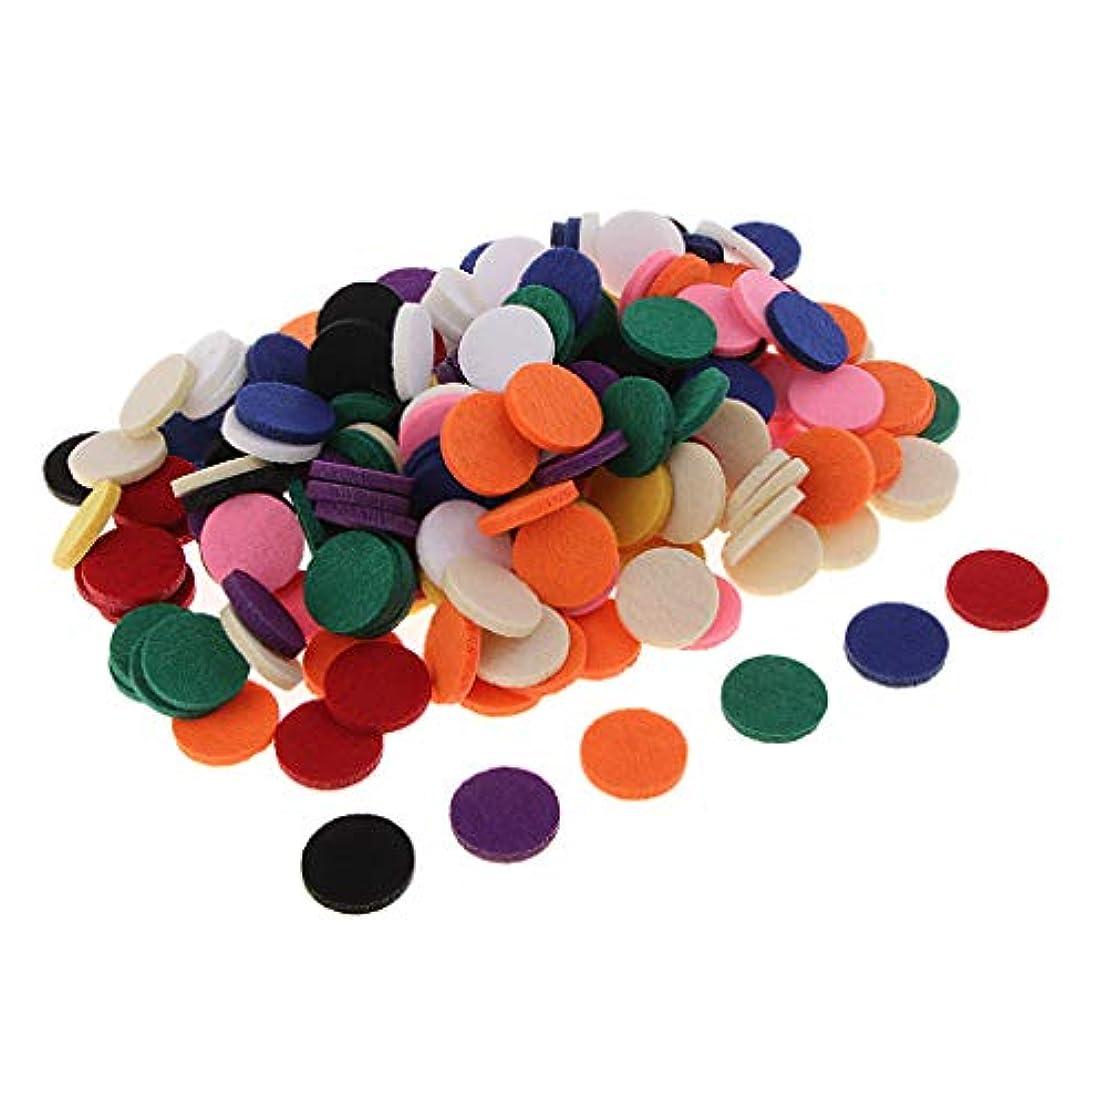 バックアップのヒープ補正ディフューザー パッド アロマパッド エッセンシャルオイル 洗える 約200個入り 全11色 - 混在